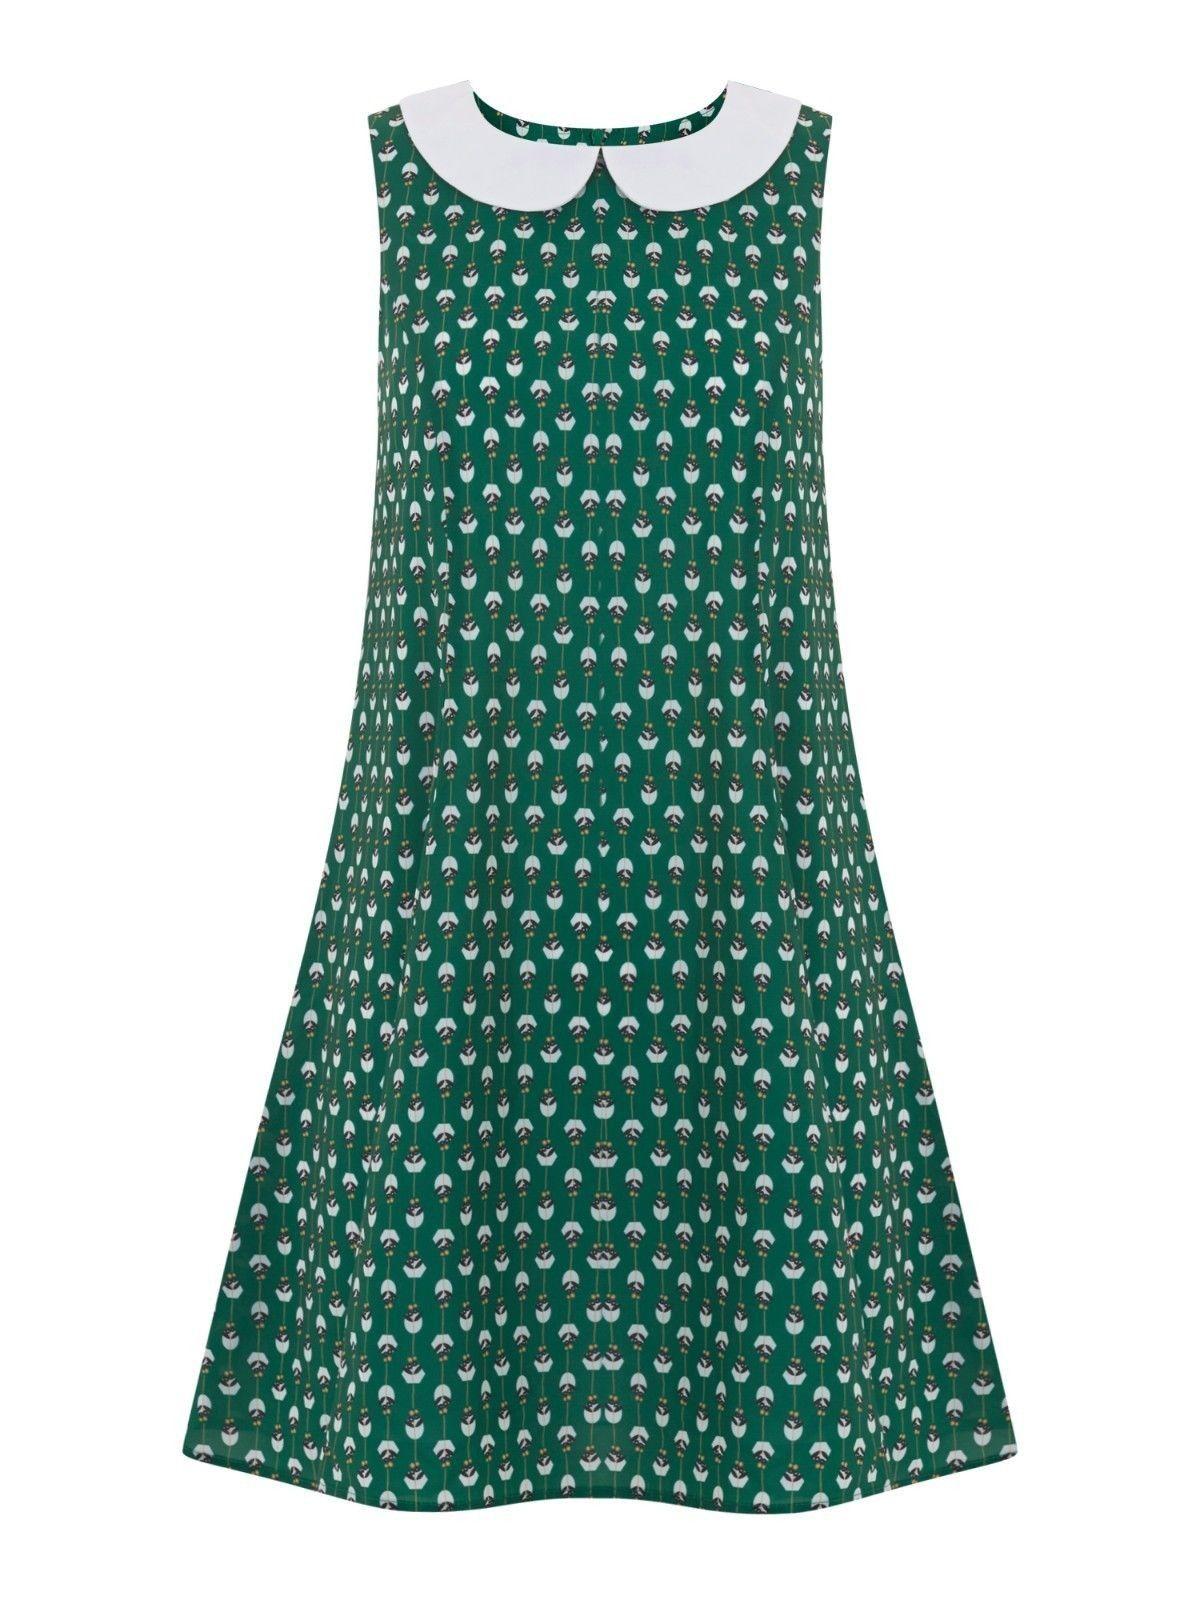 f7af06f0 Nydelig rockabilly kjole. Helt ny og ubrukt. Alle merkelapper henger  fortsatt på. Pris kr. 450 (1/2)